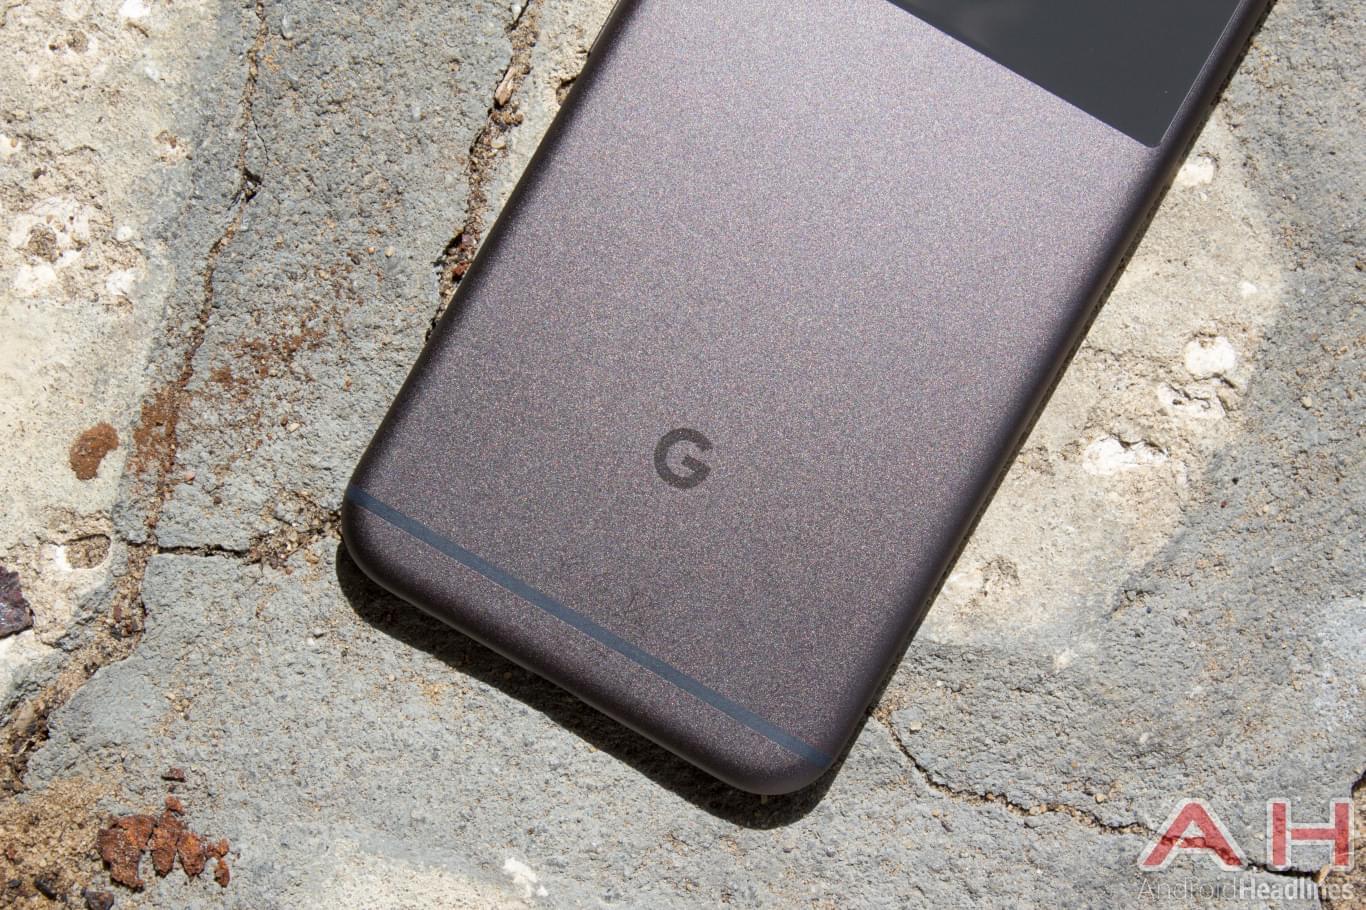 منتظر رونمایی گوگل از نسل جدید گوشیهای پیکسل در 4 اکتبر باشید